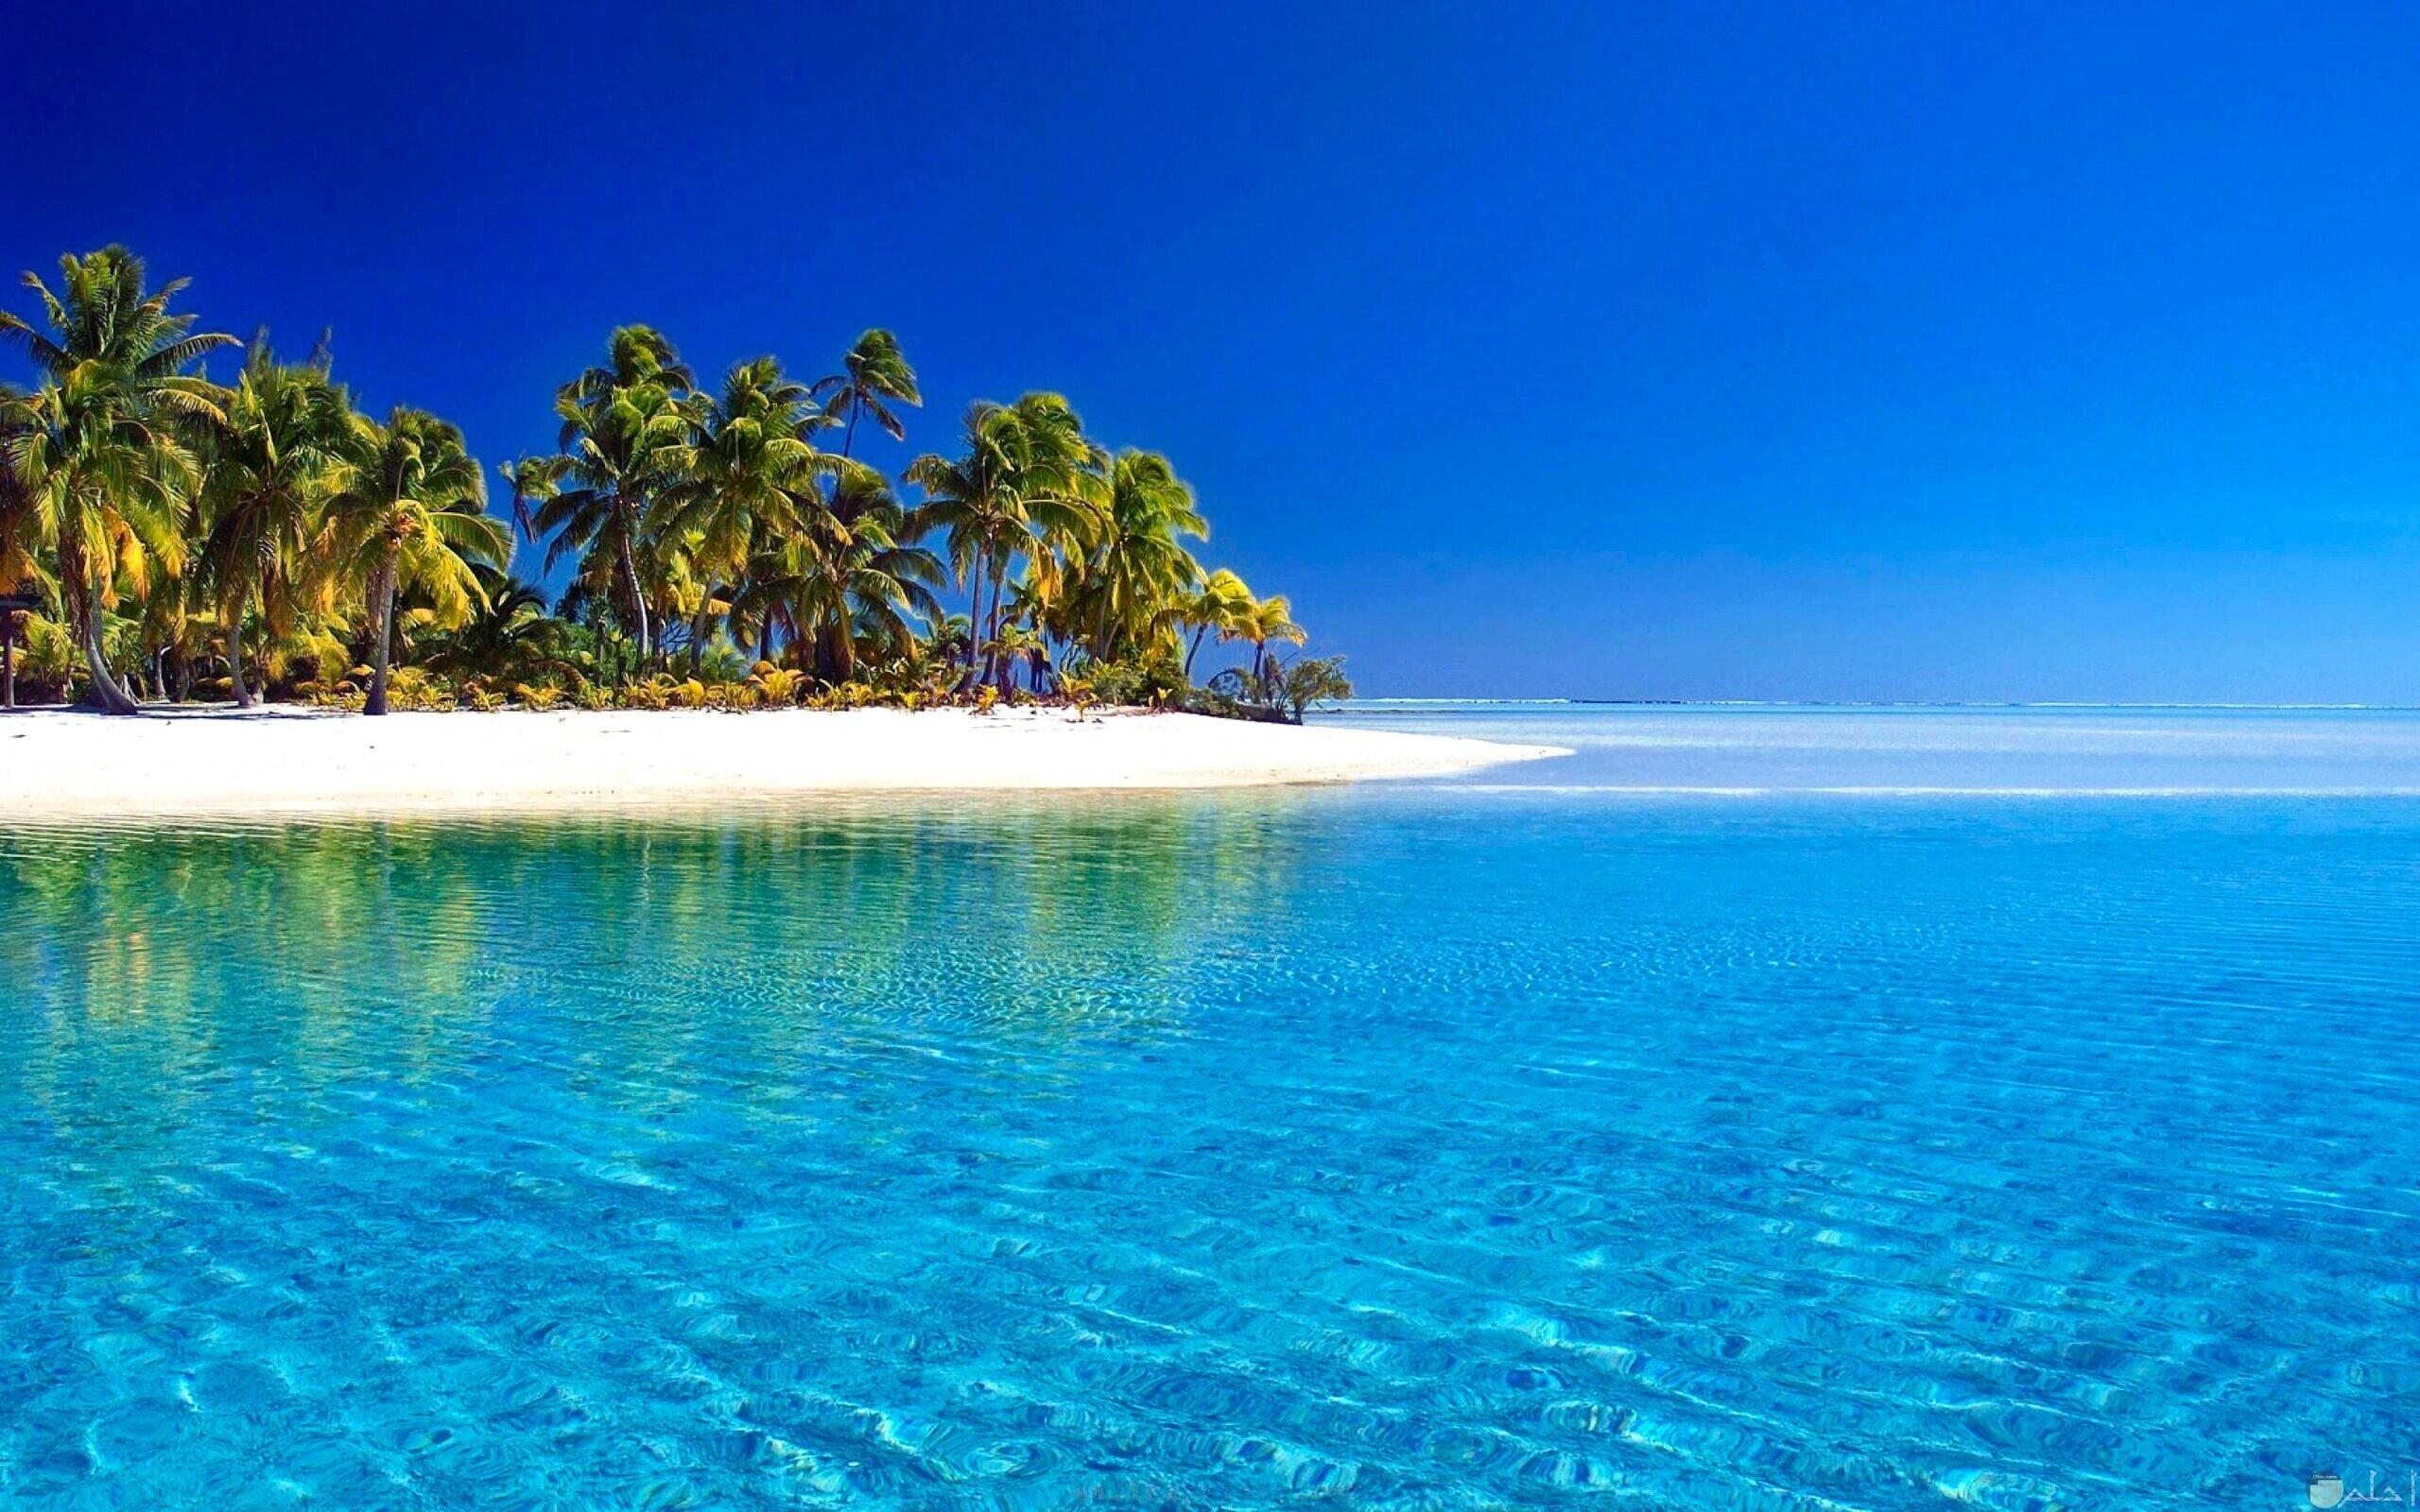 جزيرة رملية و نخيل الشواطئ وسط البحر.